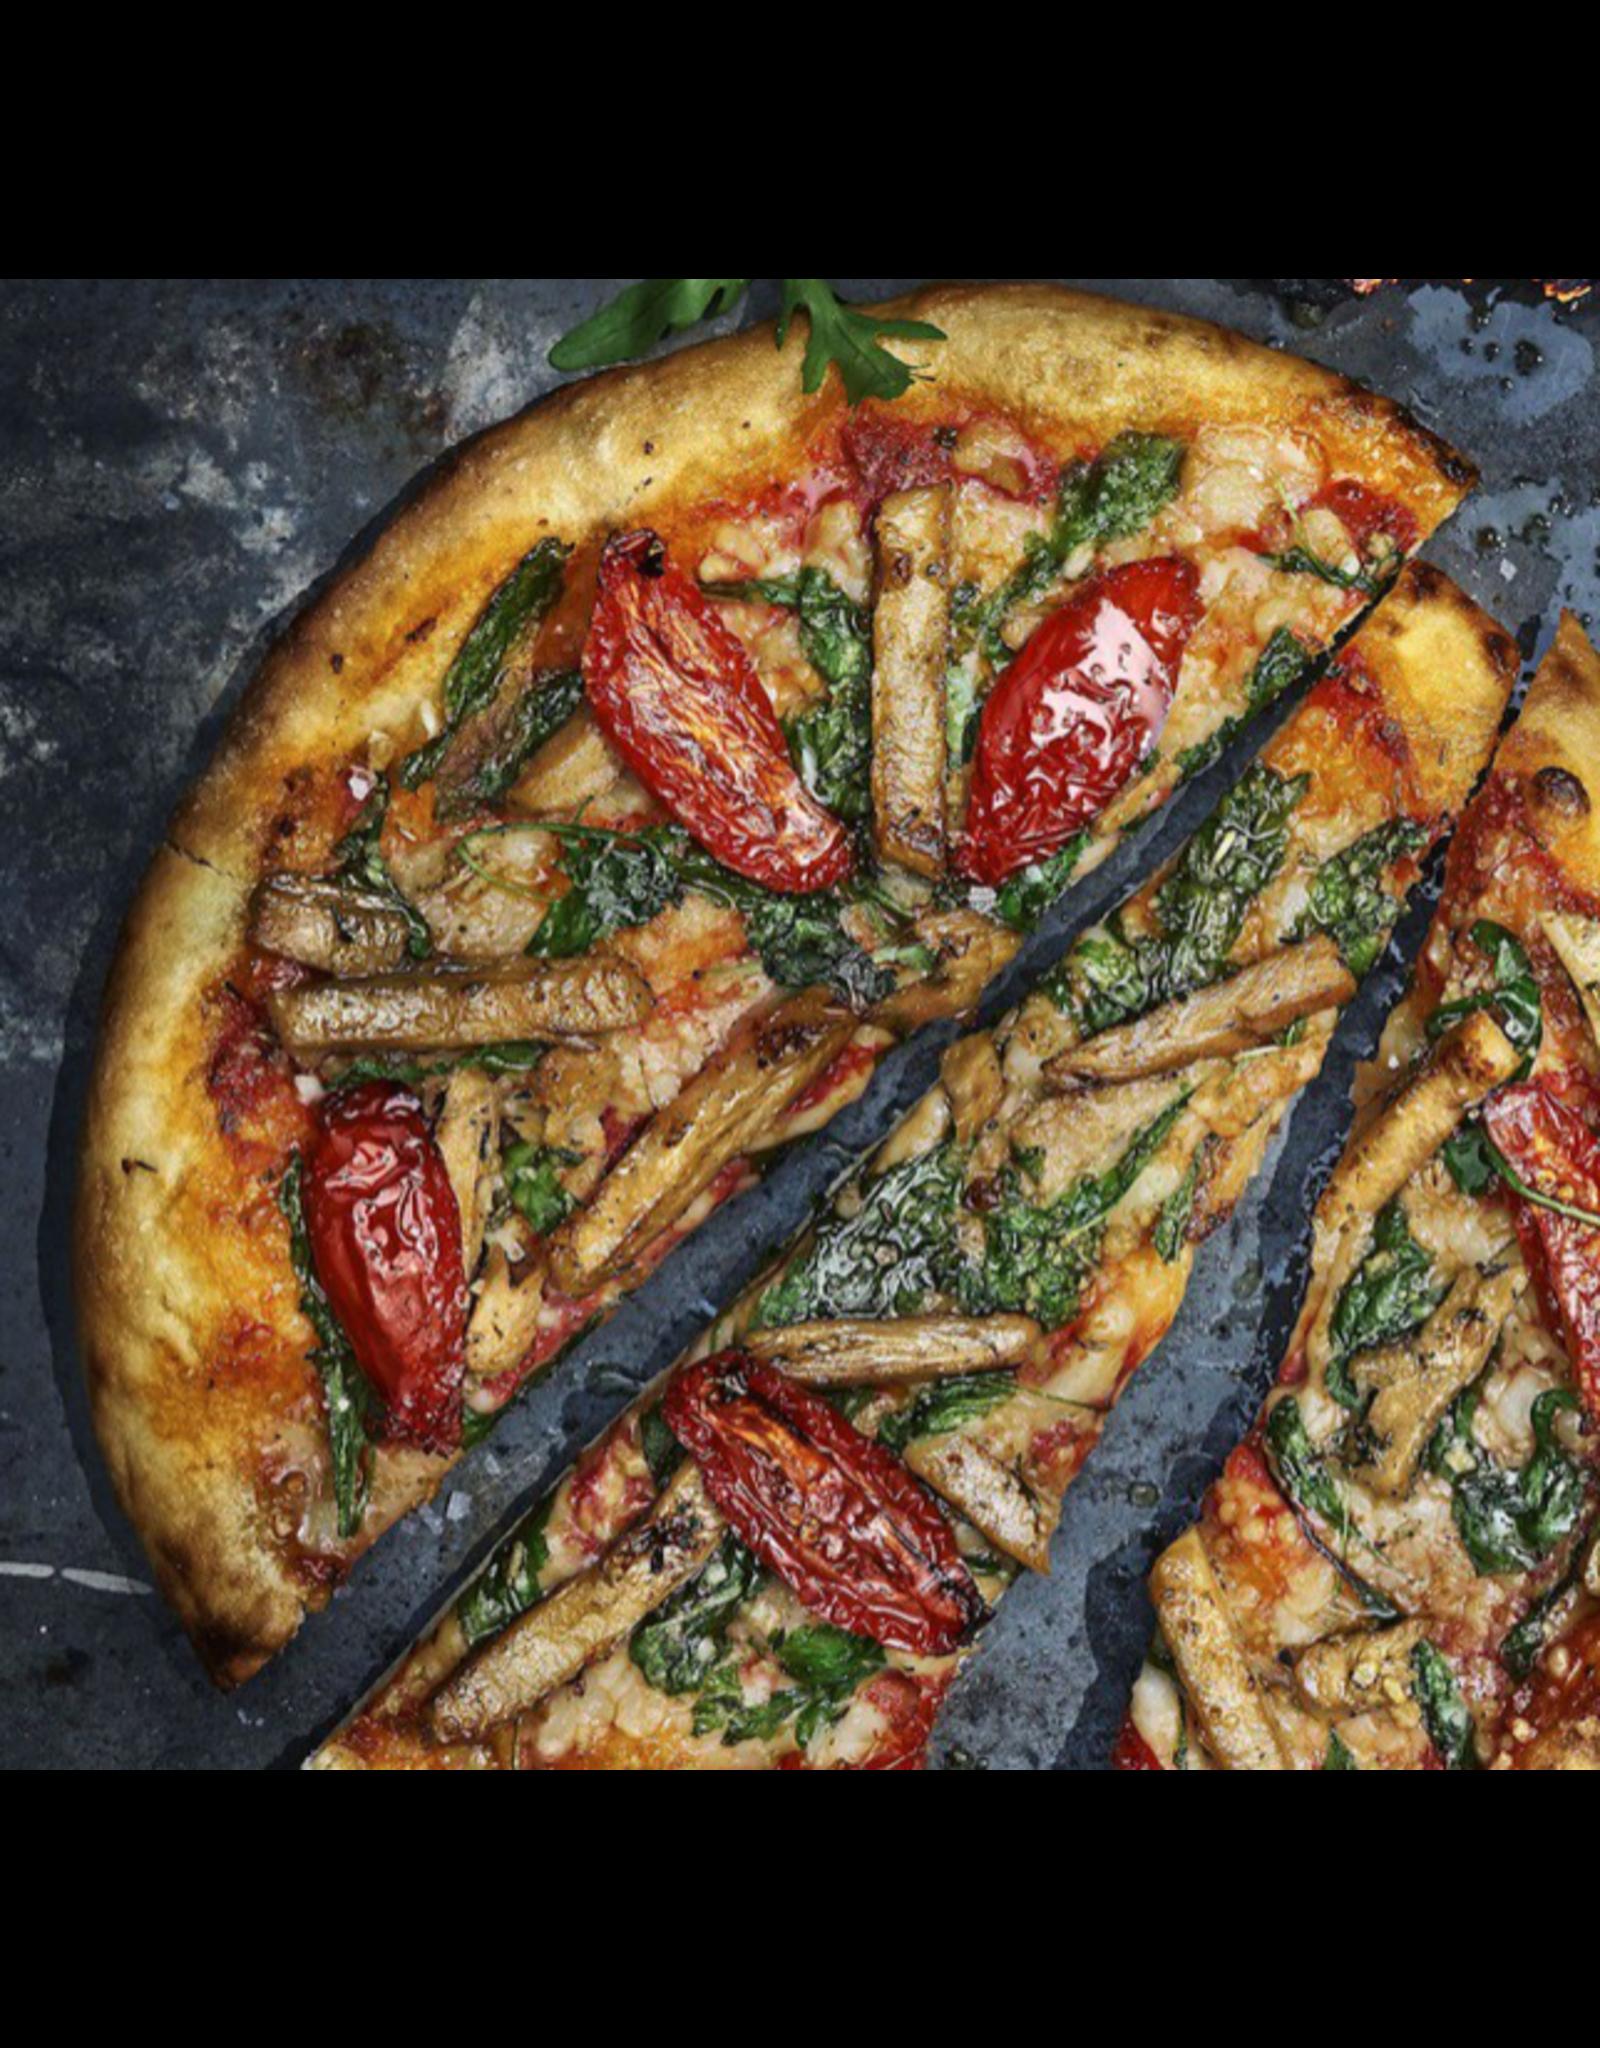 OUMPH! Pizza Estilo Grill, 400g ❄️❄️❄️